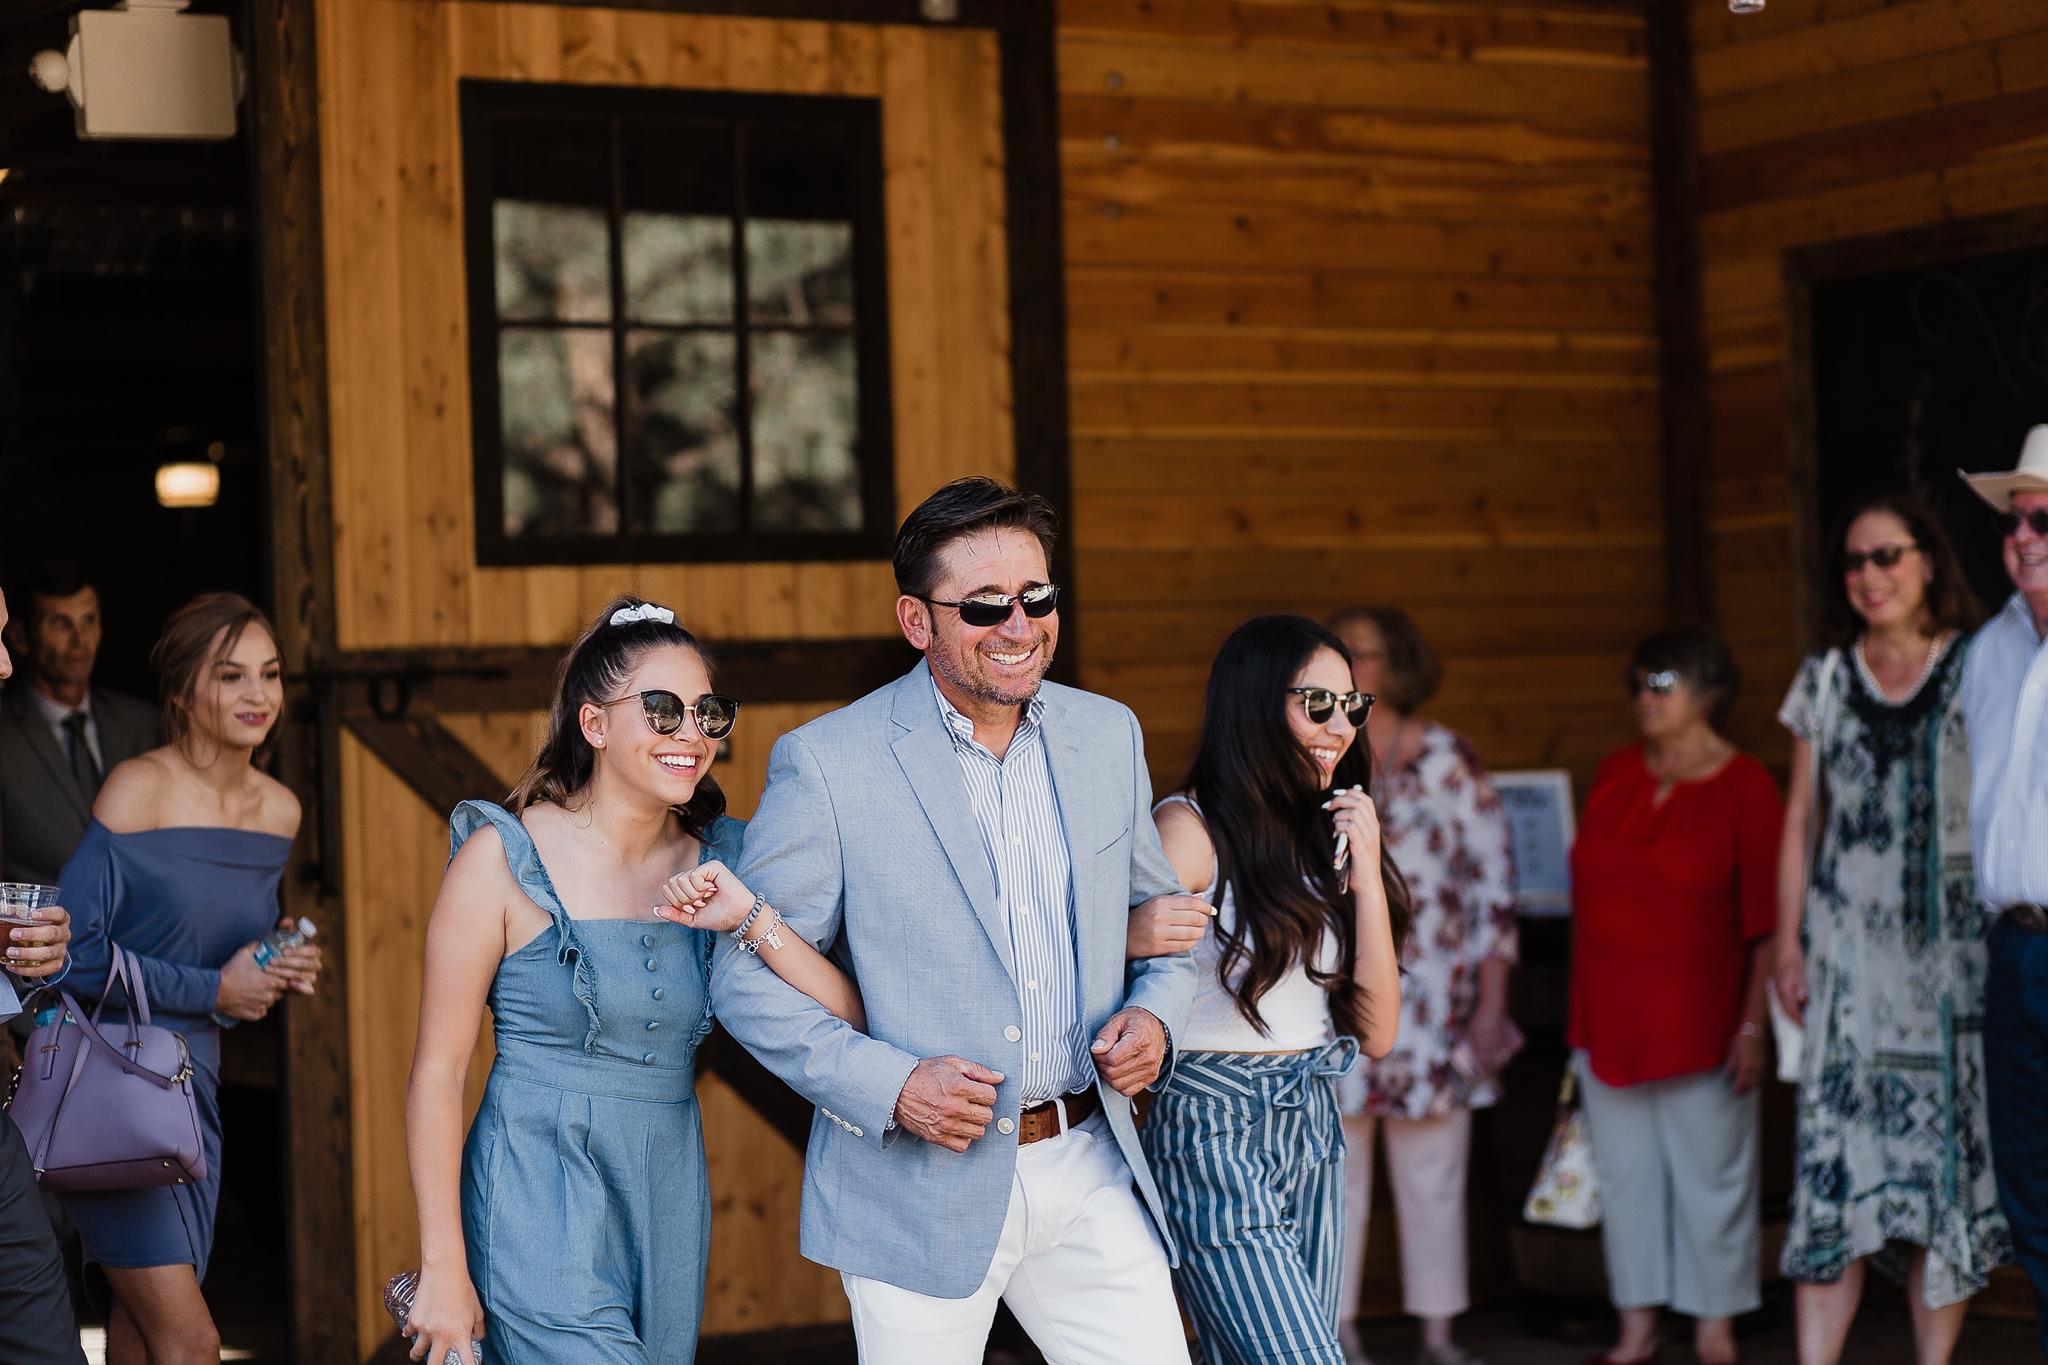 Alicia+lucia+photography+-+albuquerque+wedding+photographer+-+santa+fe+wedding+photography+-+new+mexico+wedding+photographer+-+new+mexico+wedding+-+new+mexico+wedding+-+barn+wedding+-+enchanted+vine+barn+wedding+-+ruidoso+wedding_0085.jpg